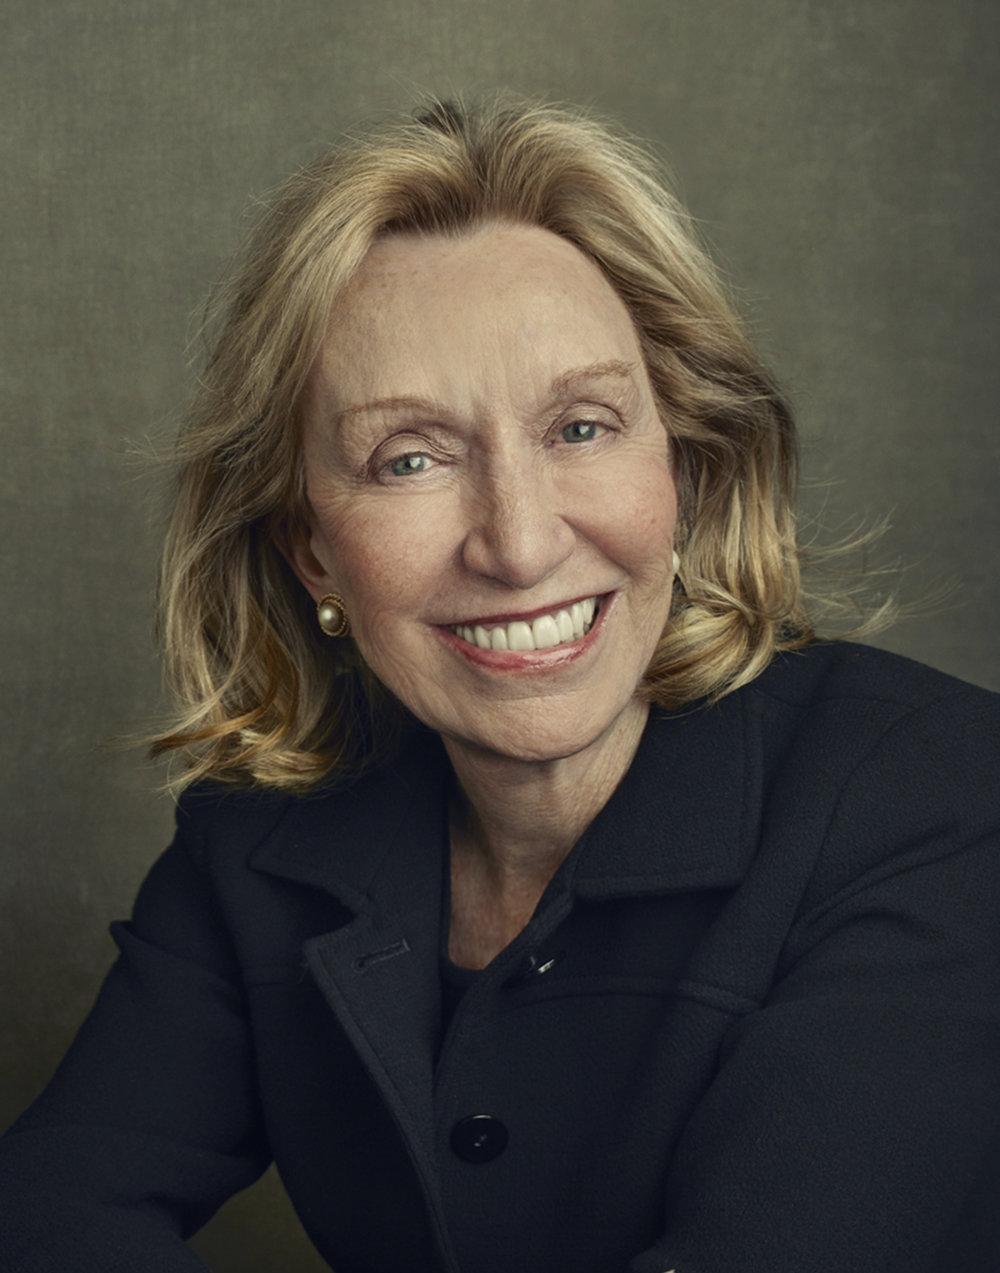 Jack Davenport (born 1973),Lisa Lambert Porno pictures Phyllis Davis,Susan Howard born January 28, 1944 (age 74)